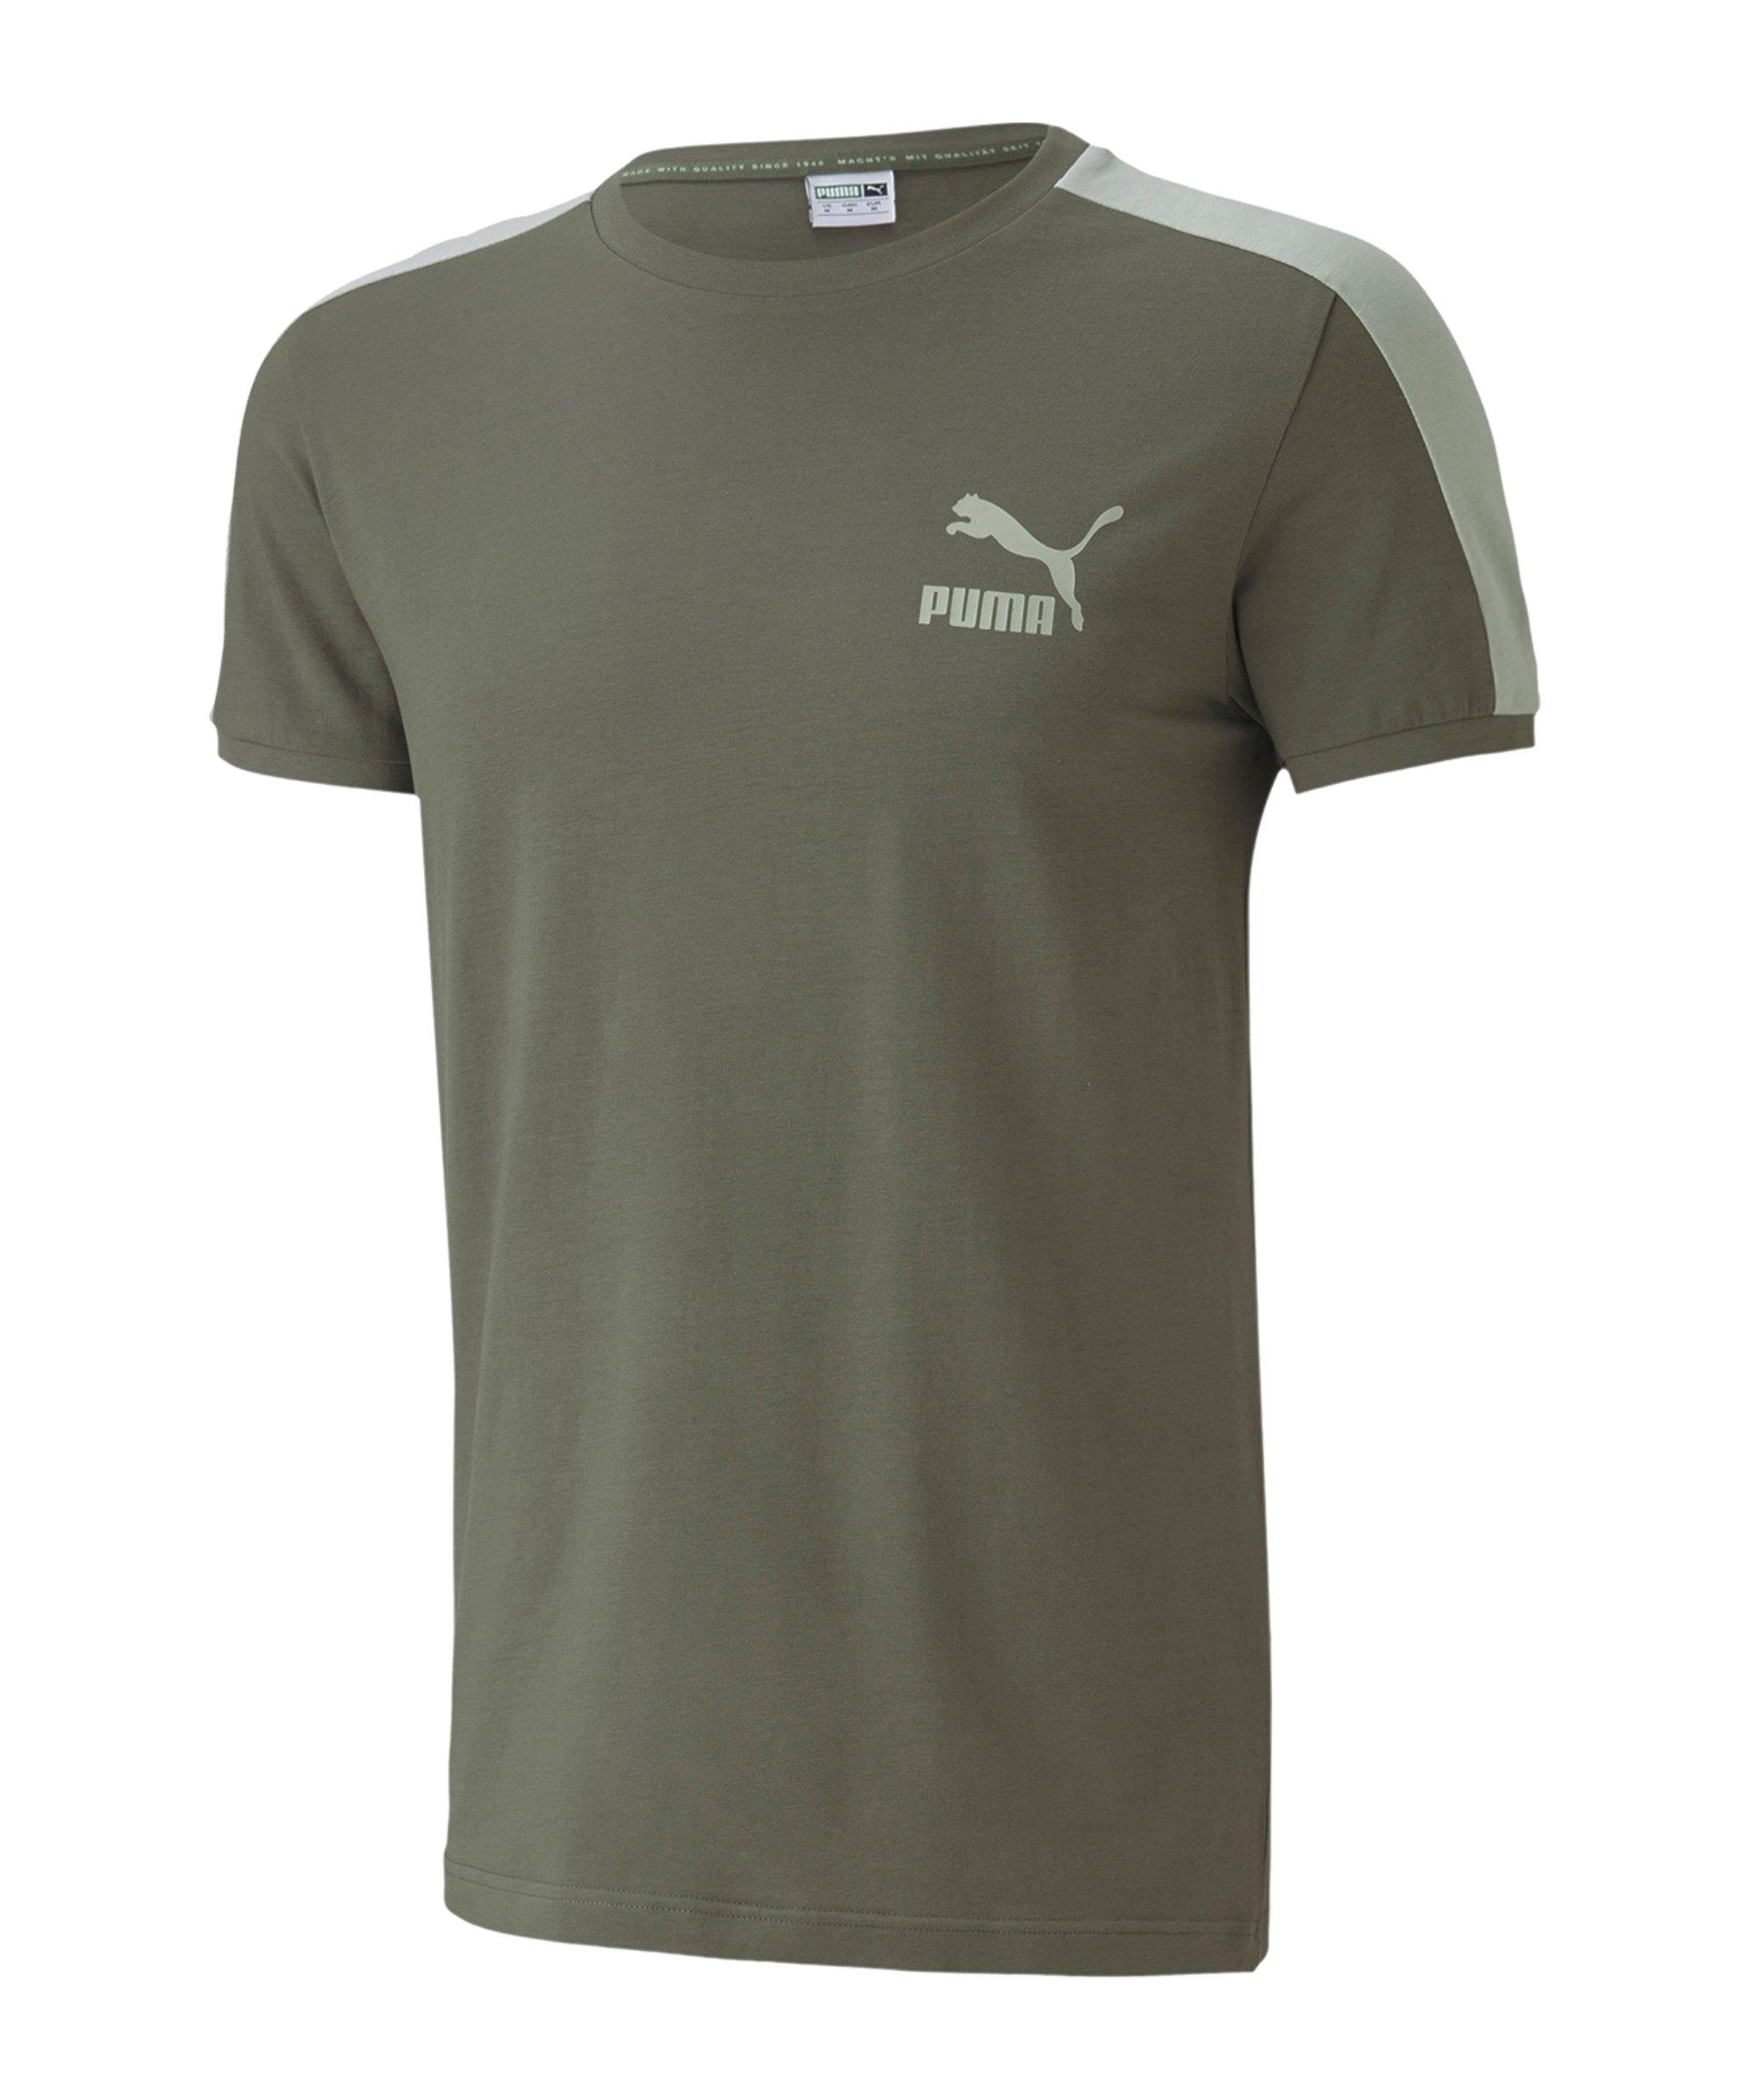 PUMA Iconic T7 Slim Tee T-Shirt Grün F64 - gruen